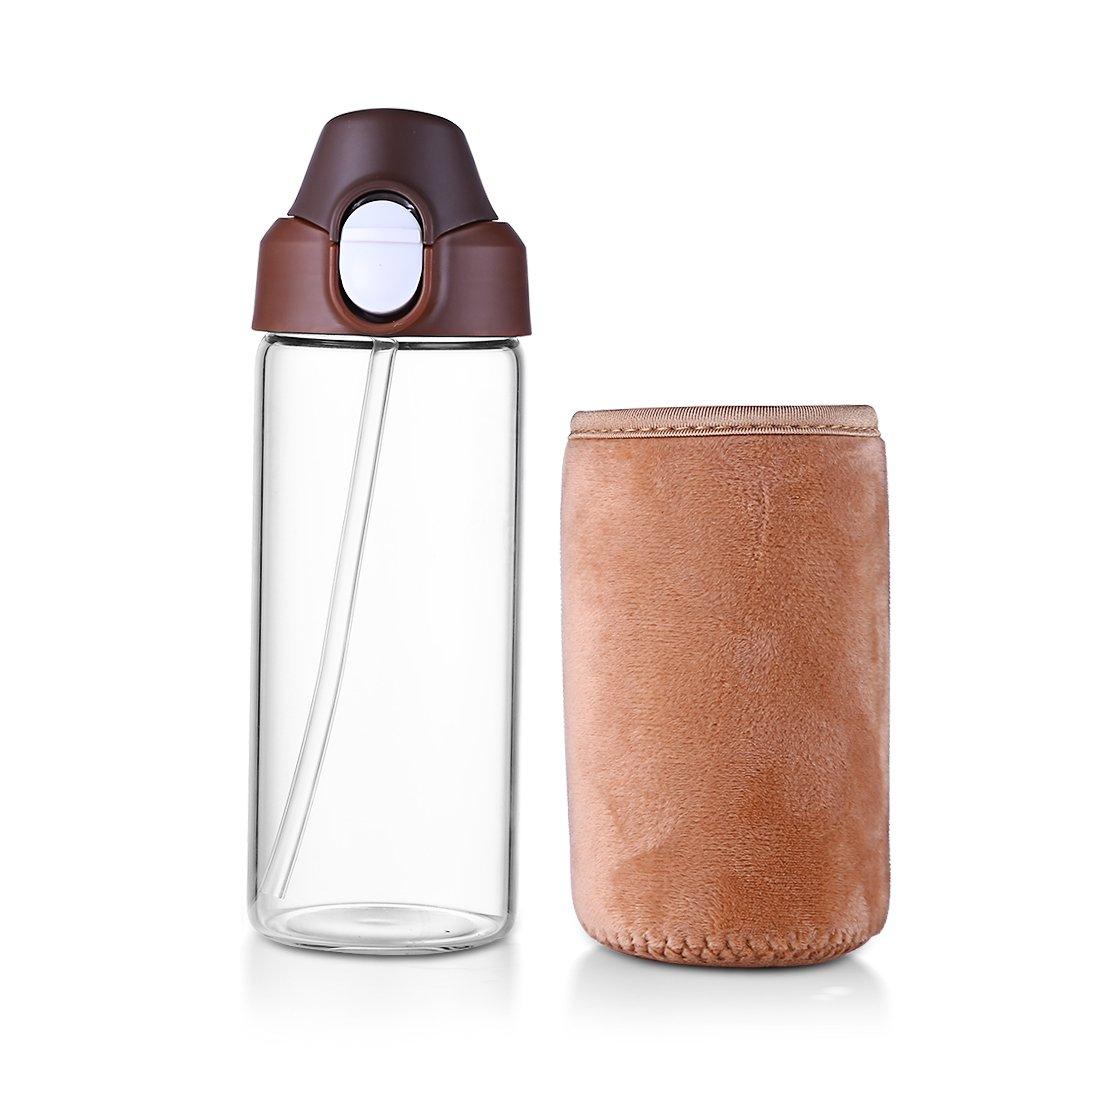 ガラスボトルwith Straw 15oz / 450ml – BPAフリーホウケイ酸ガラスタンブラーwith保護スリーブfor Kids Adult片手開きdhtmlh359 B07BBN5VNM ブラウン ブラウン